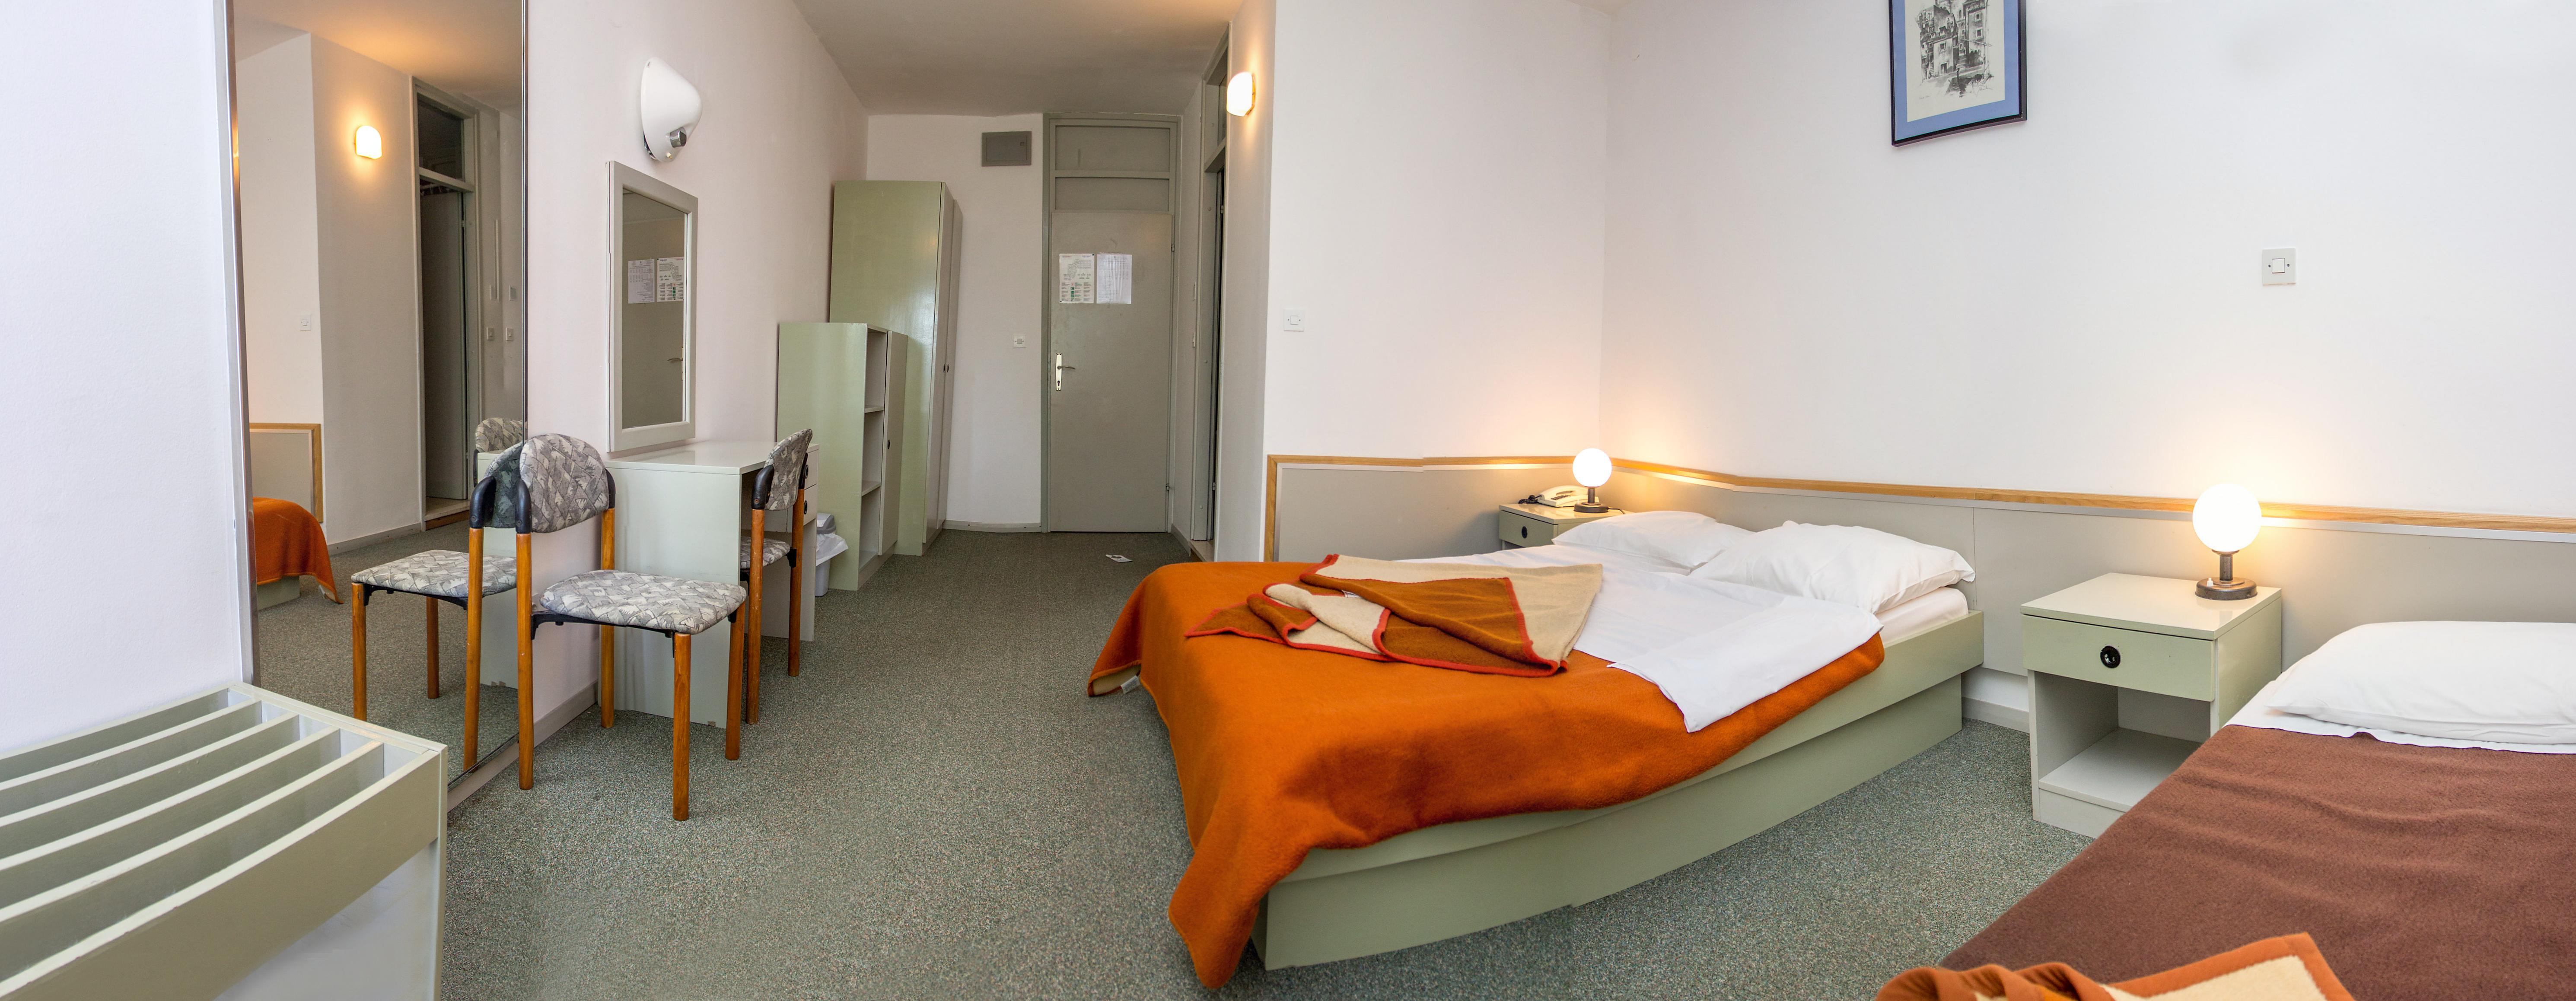 Hotel Miran Pirovac 7